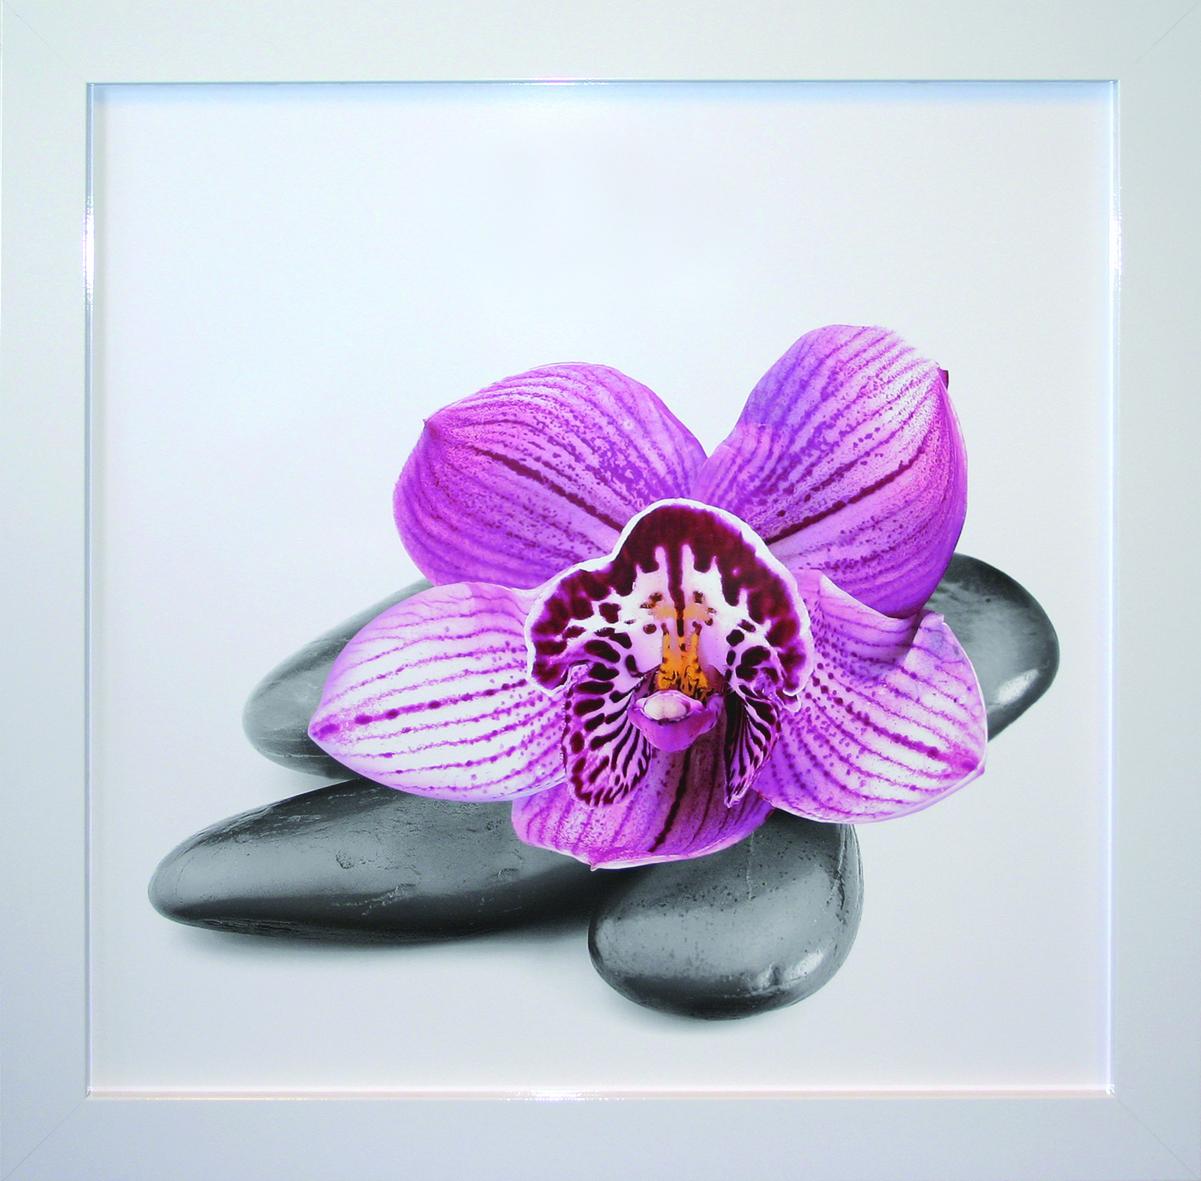 kunstdruck gerahmt wohnzimmer bild wandbild bilder mit rahmen orchidee natur neu ebay. Black Bedroom Furniture Sets. Home Design Ideas